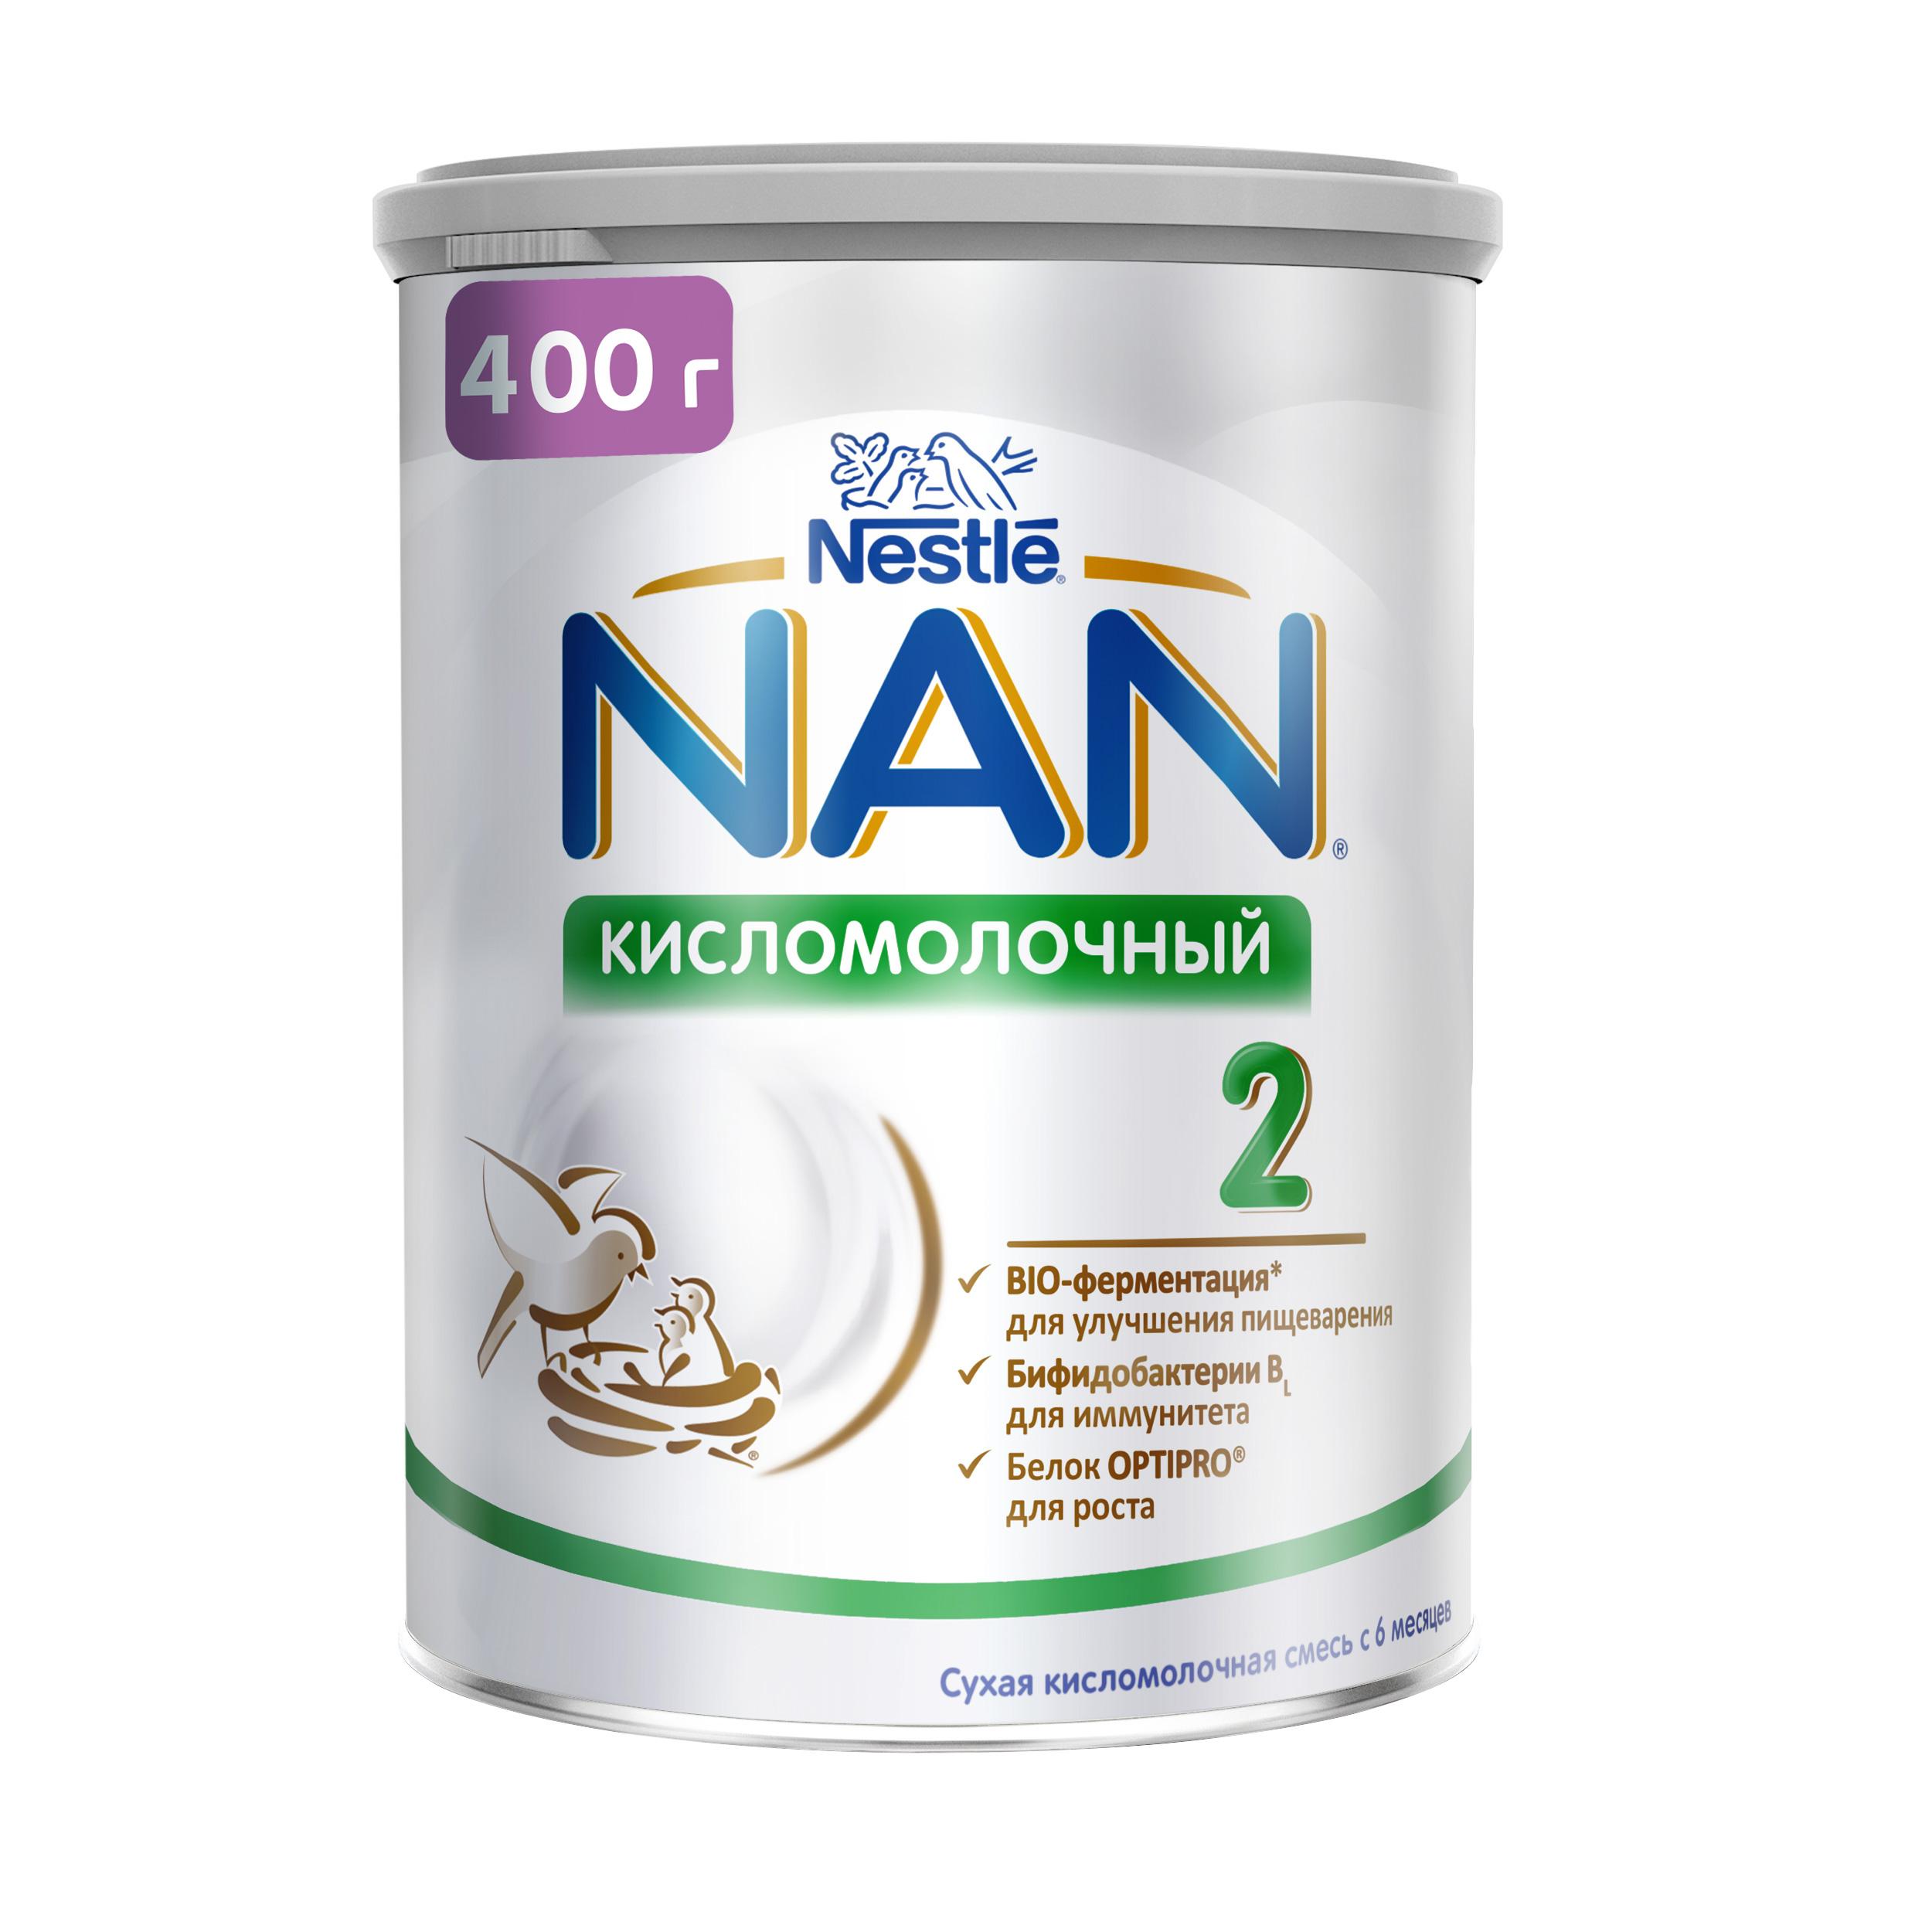 Купить 2 Кисломолочный, Смесь Nestle Кисломолочная NAN 2 400 г, Детские смеси 2 (от 6 до 12 мес)